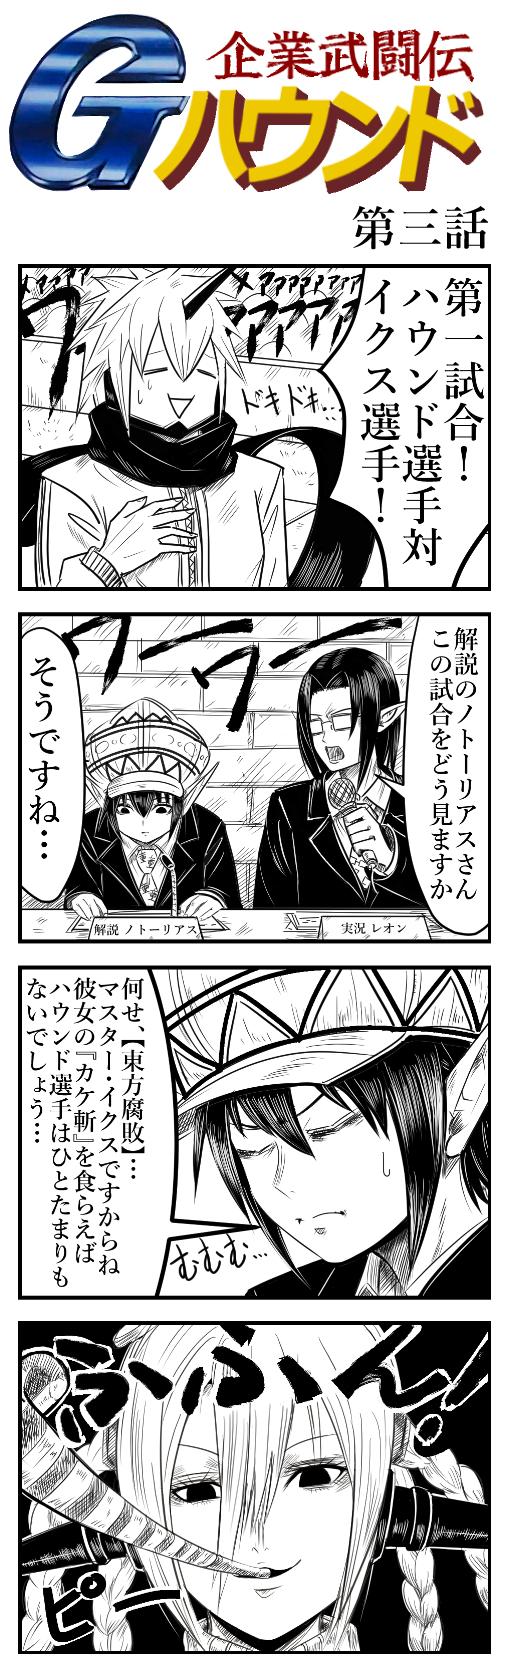 企業武闘伝Gハウンド3